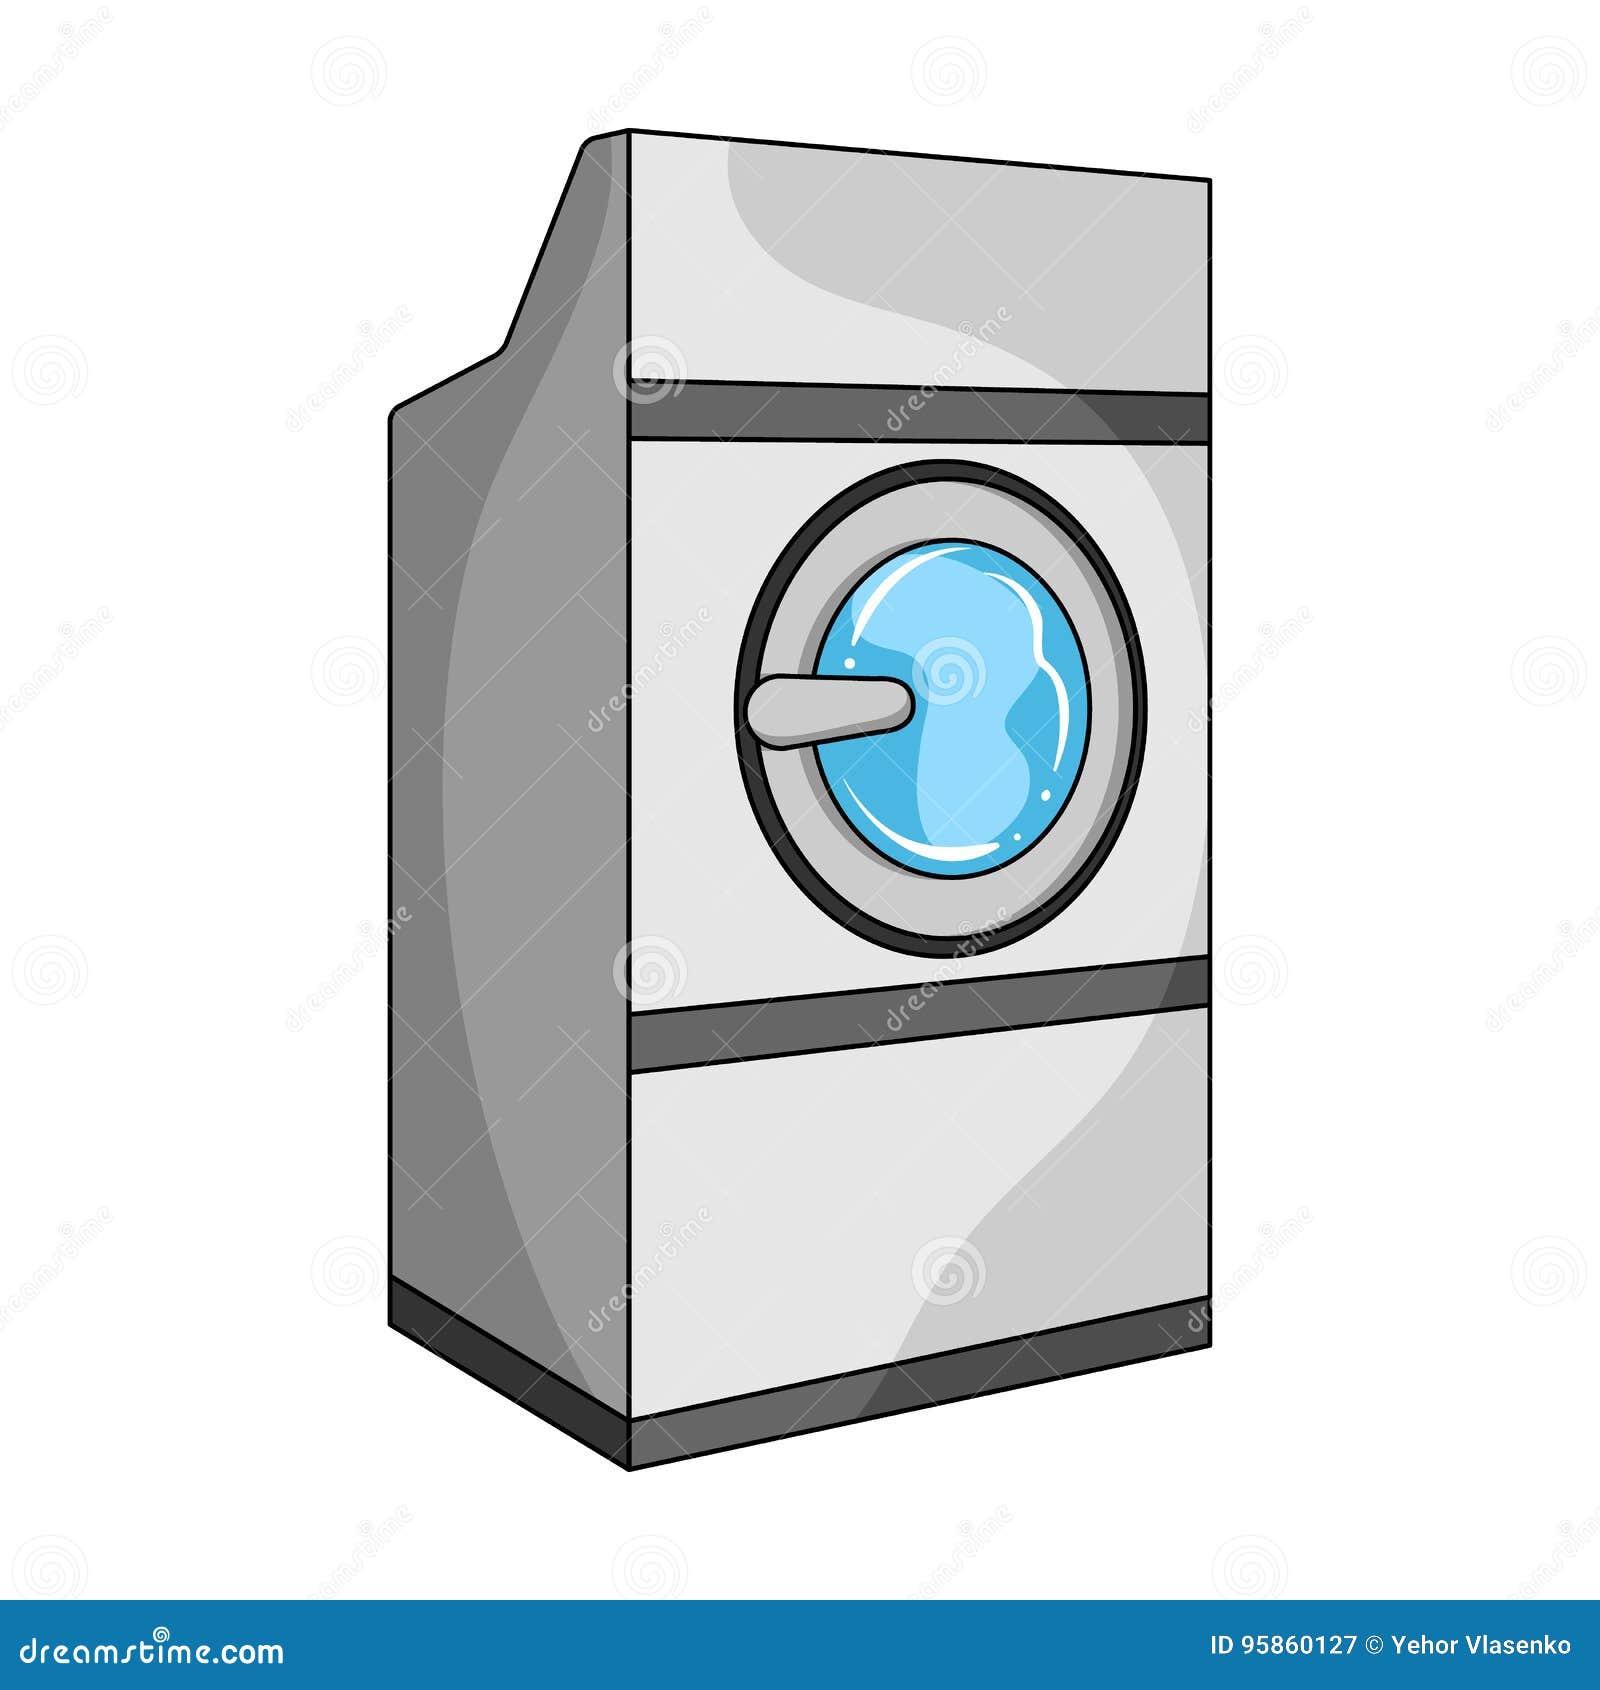 Industrial washing machine dry cleaning single icon in cartoon dry cleaning single icon in cartoon style vector symbol stock illustration web buycottarizona Choice Image